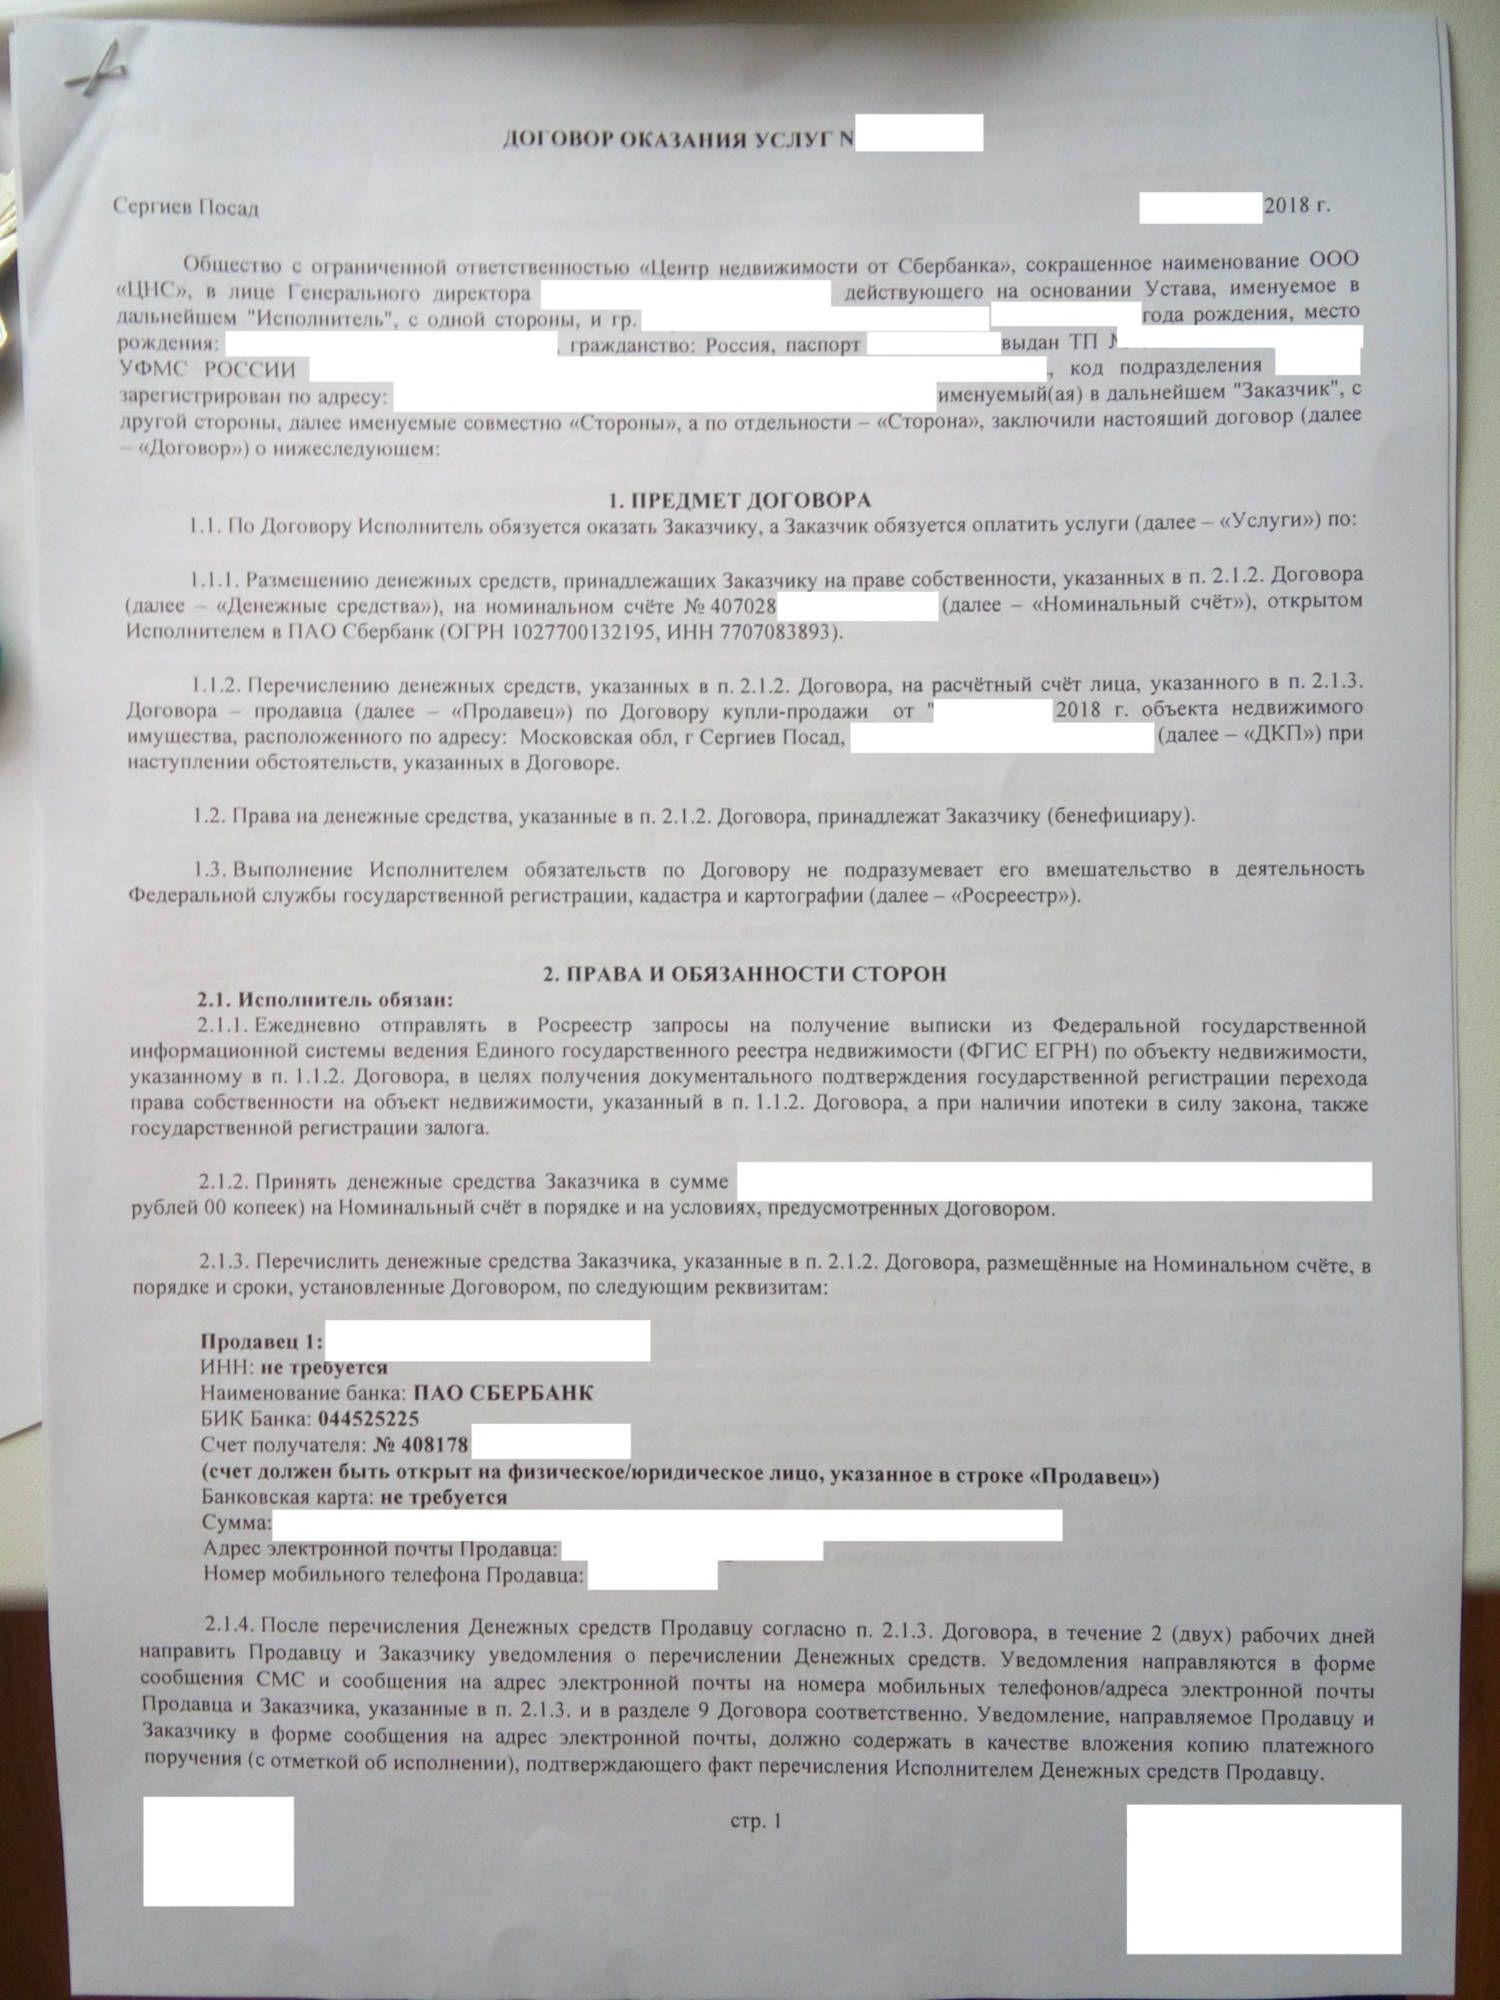 Описание номинального счета опекуна: применение и правила пользования